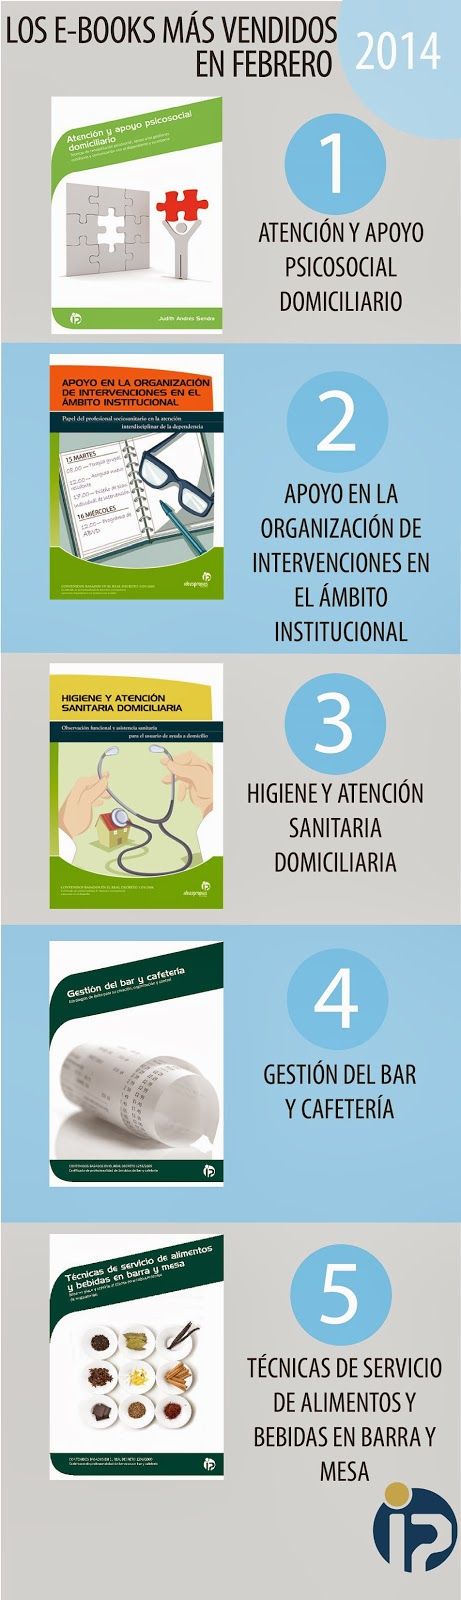 http://www.ideaspropiaseditorial.com/na/es/shop/e-books/listado.aspx